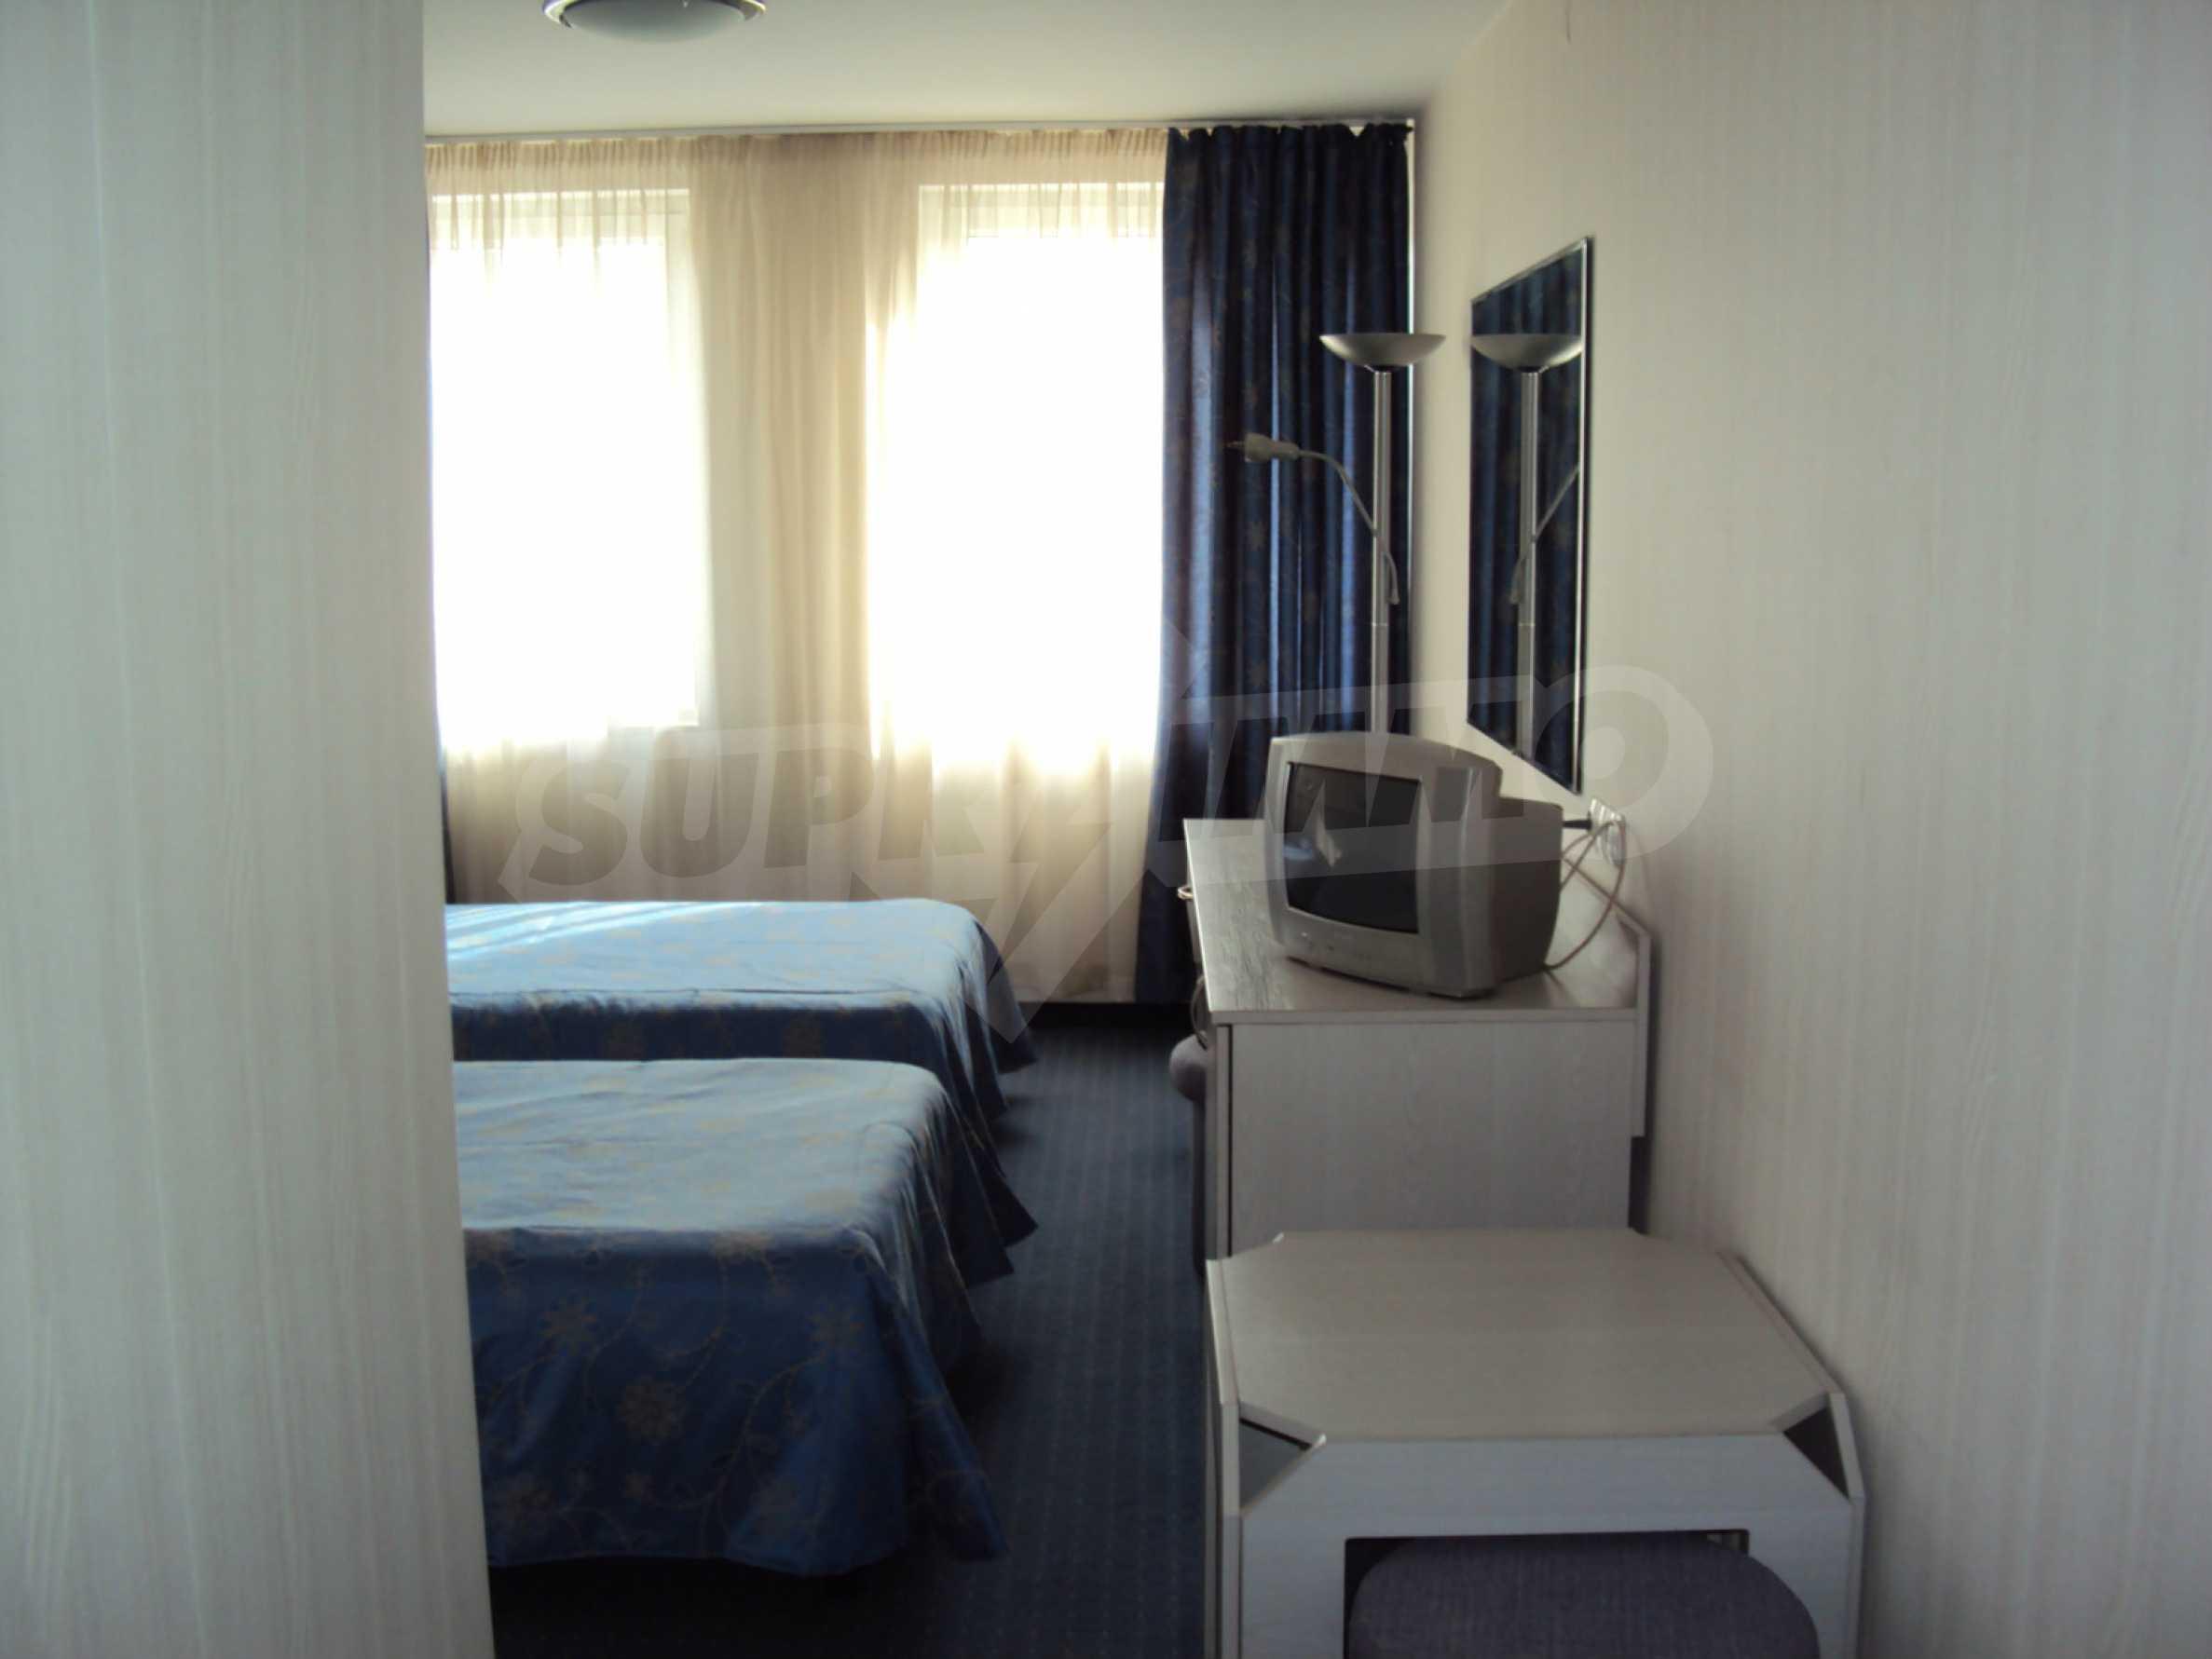 Hotel zum Verkauf in perfekter Toplage 61